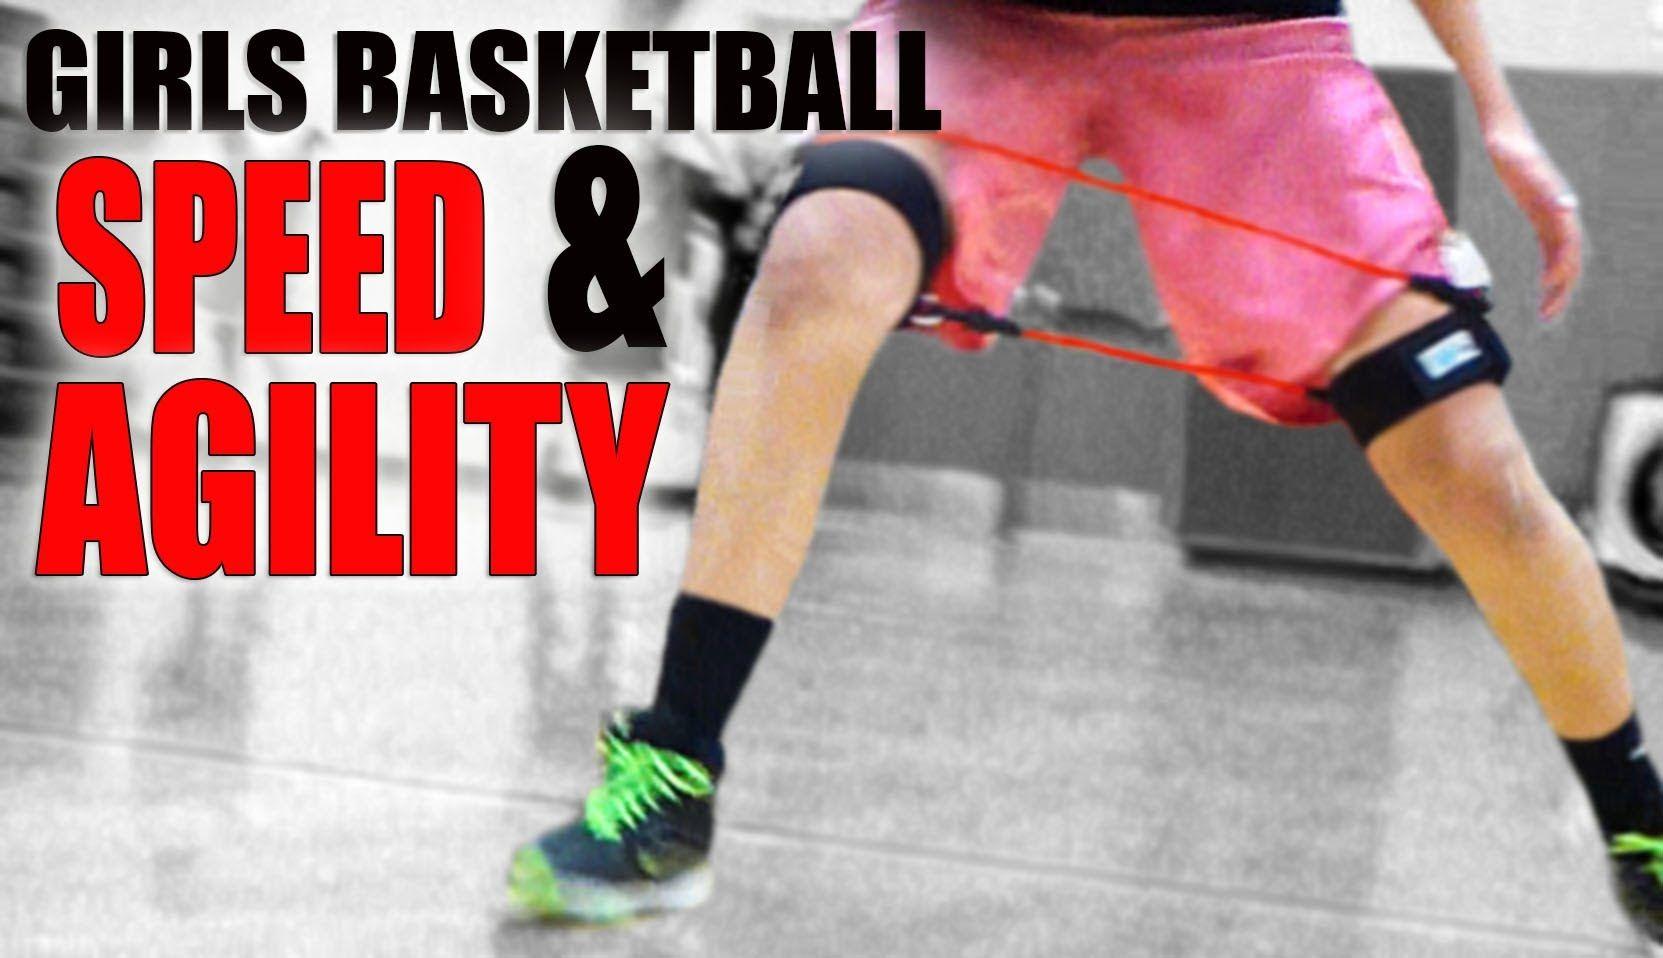 Girls Basketball Speed And Skills Training With Kinetic Bands Basketball Girls Basketball Training Equipment Skill Training